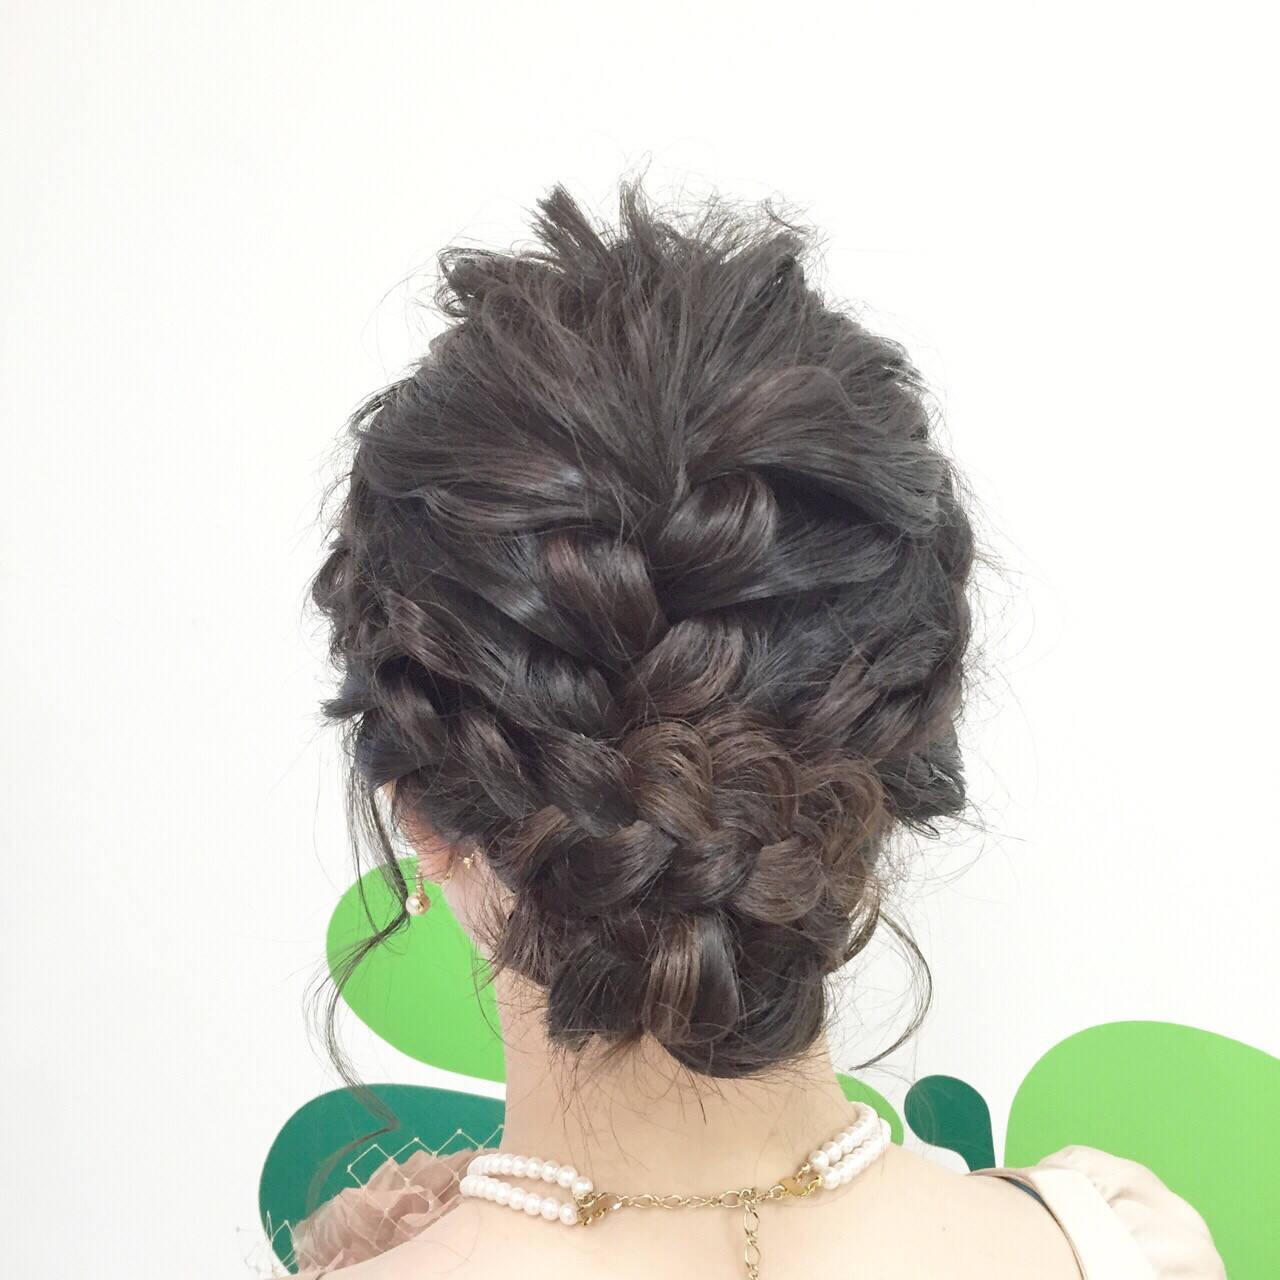 簡単ヘアアレンジ ヘアアレンジ モテ髪 セミロングヘアスタイルや髪型の写真・画像